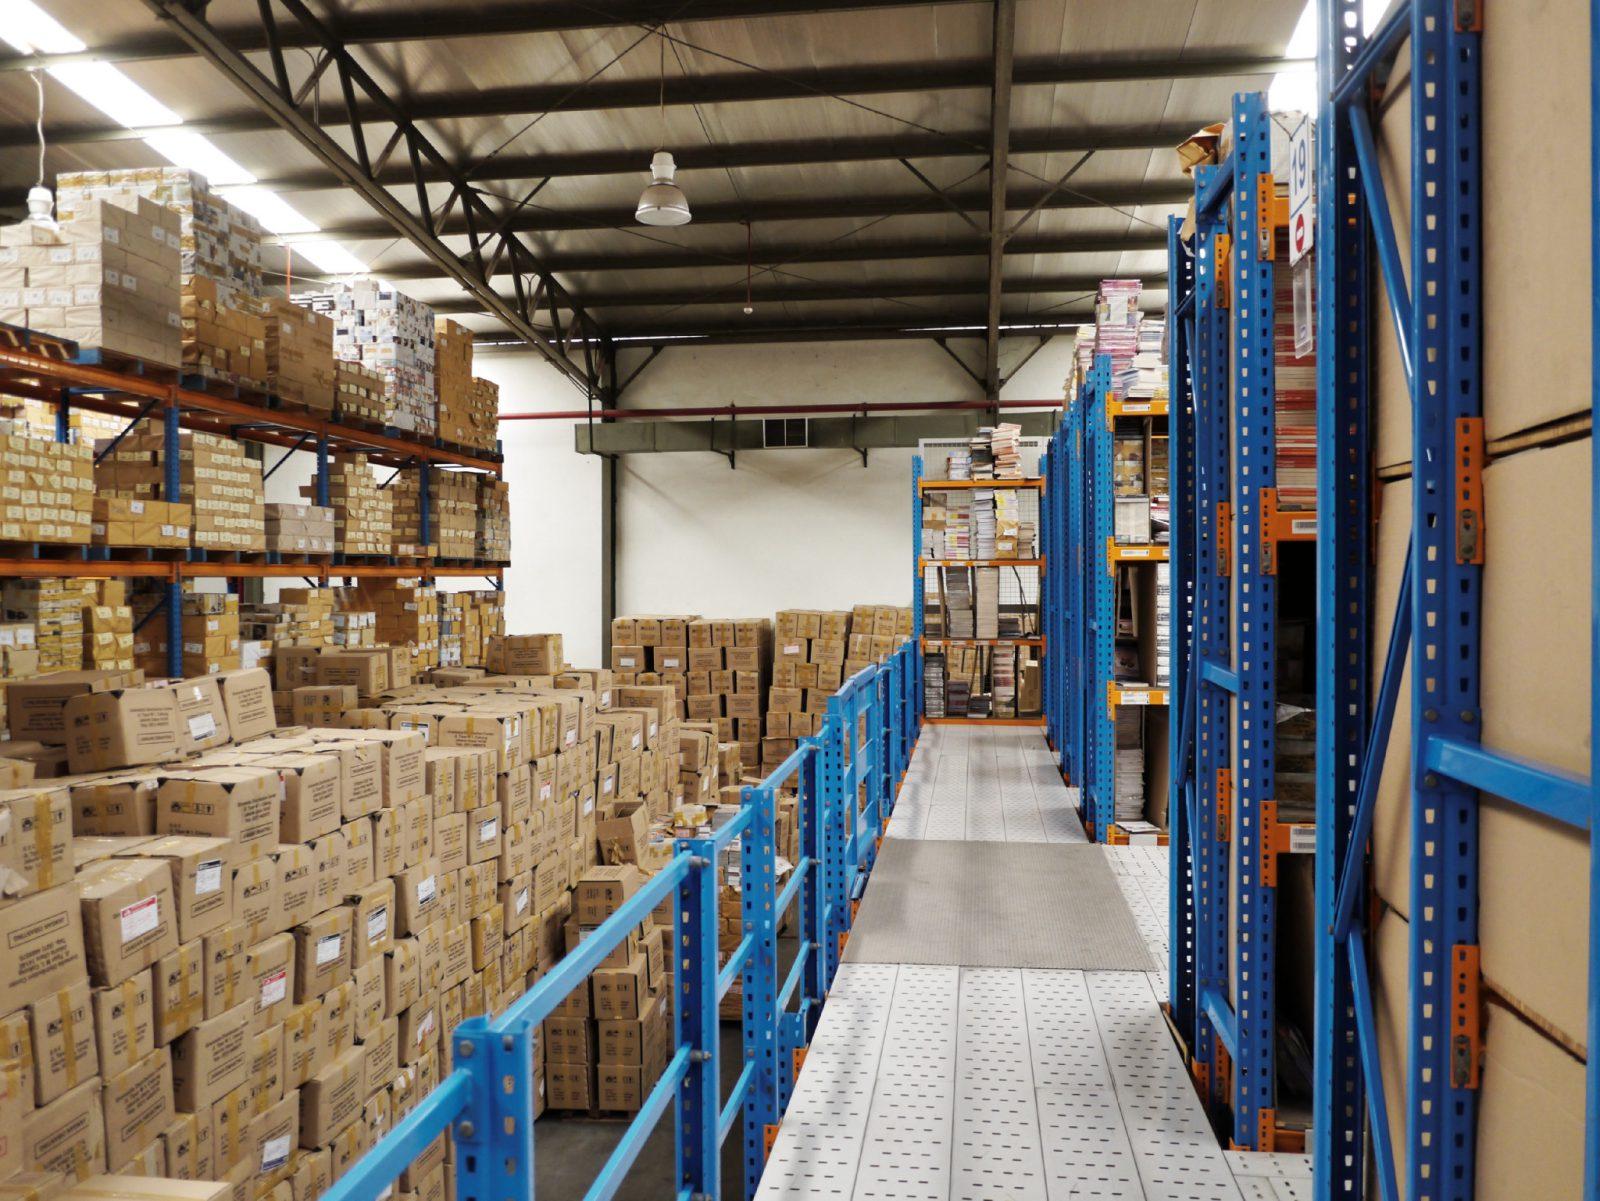 Le rimanenze di magazzino in contabilit contabilita facile - Piastrelle rimanenze magazzino ...